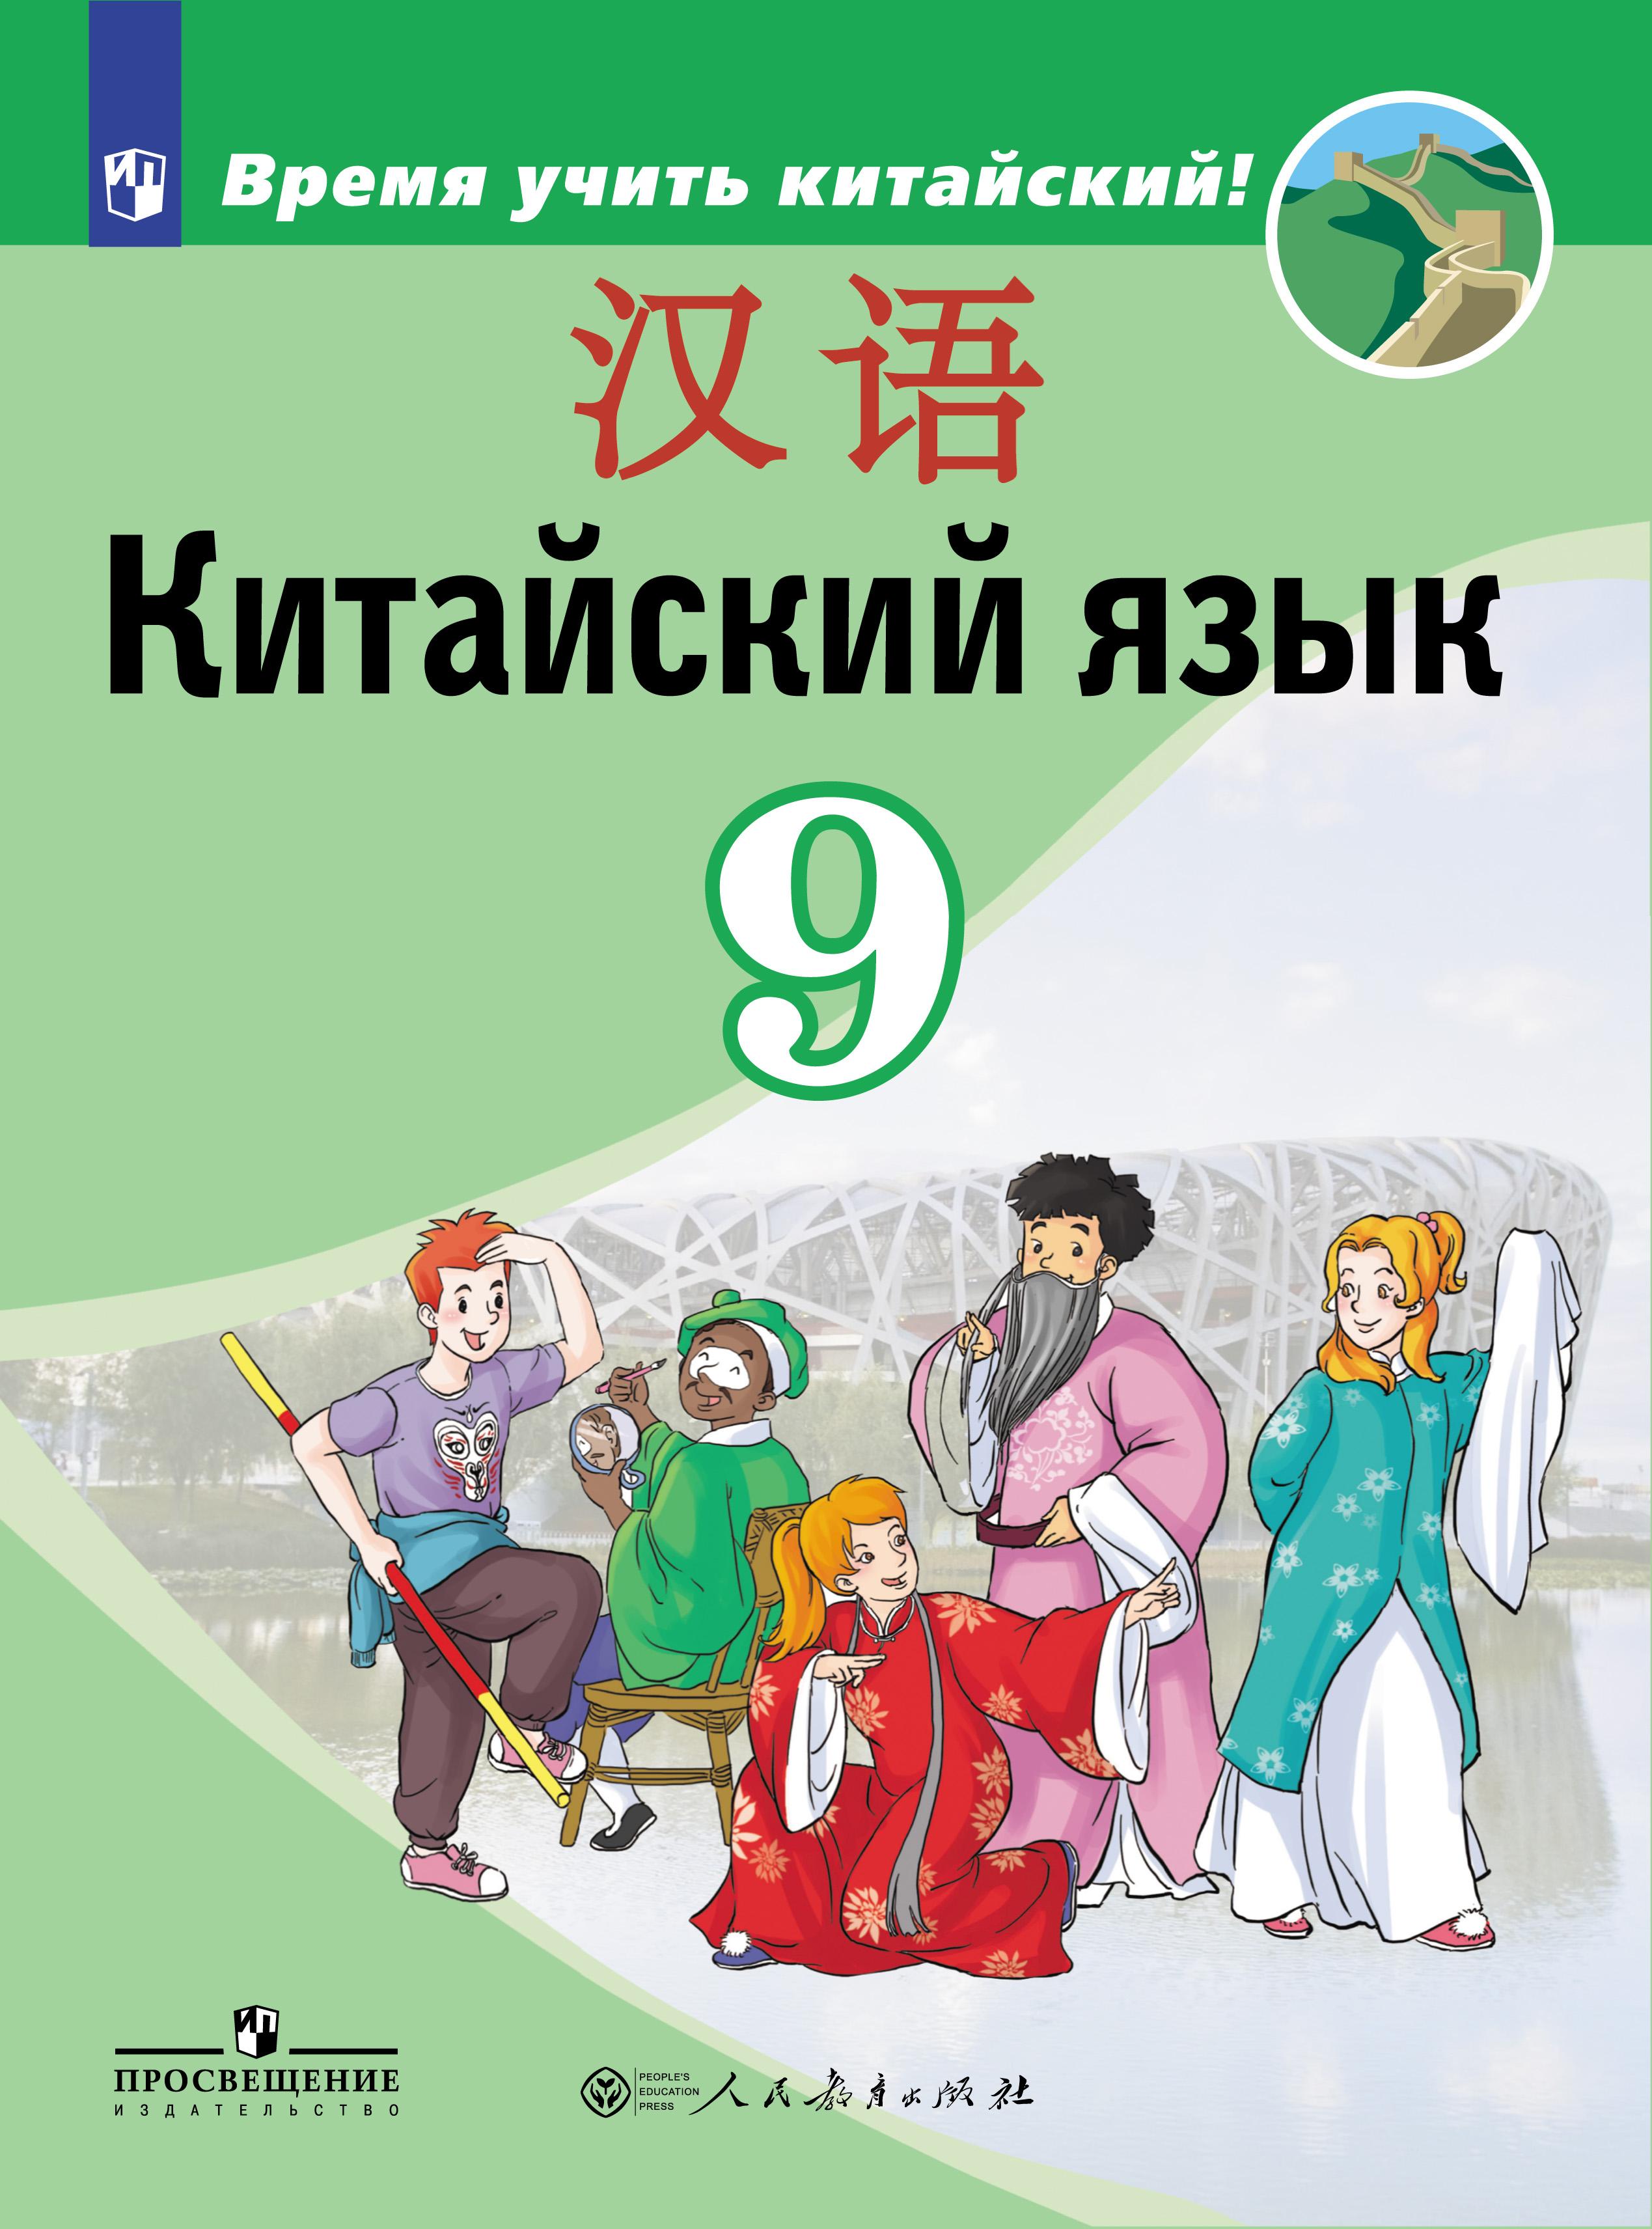 Китайский язык. Второй иностранный язык. 9 класс: учебник для общеобразоват. организаций